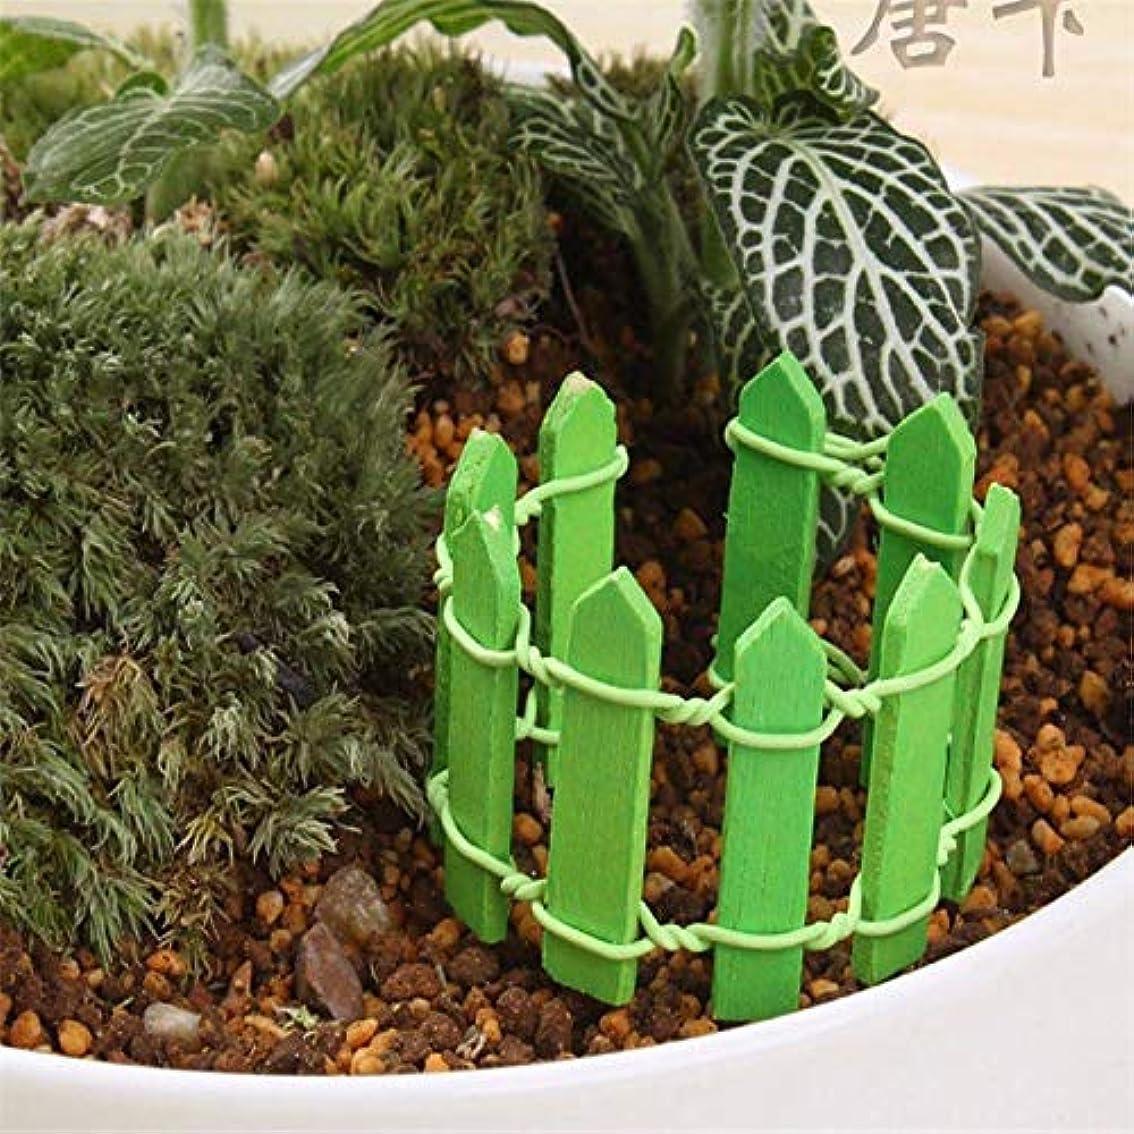 ますます説明的ダイヤルJicorzo - 20個DIY木製の小さなフェンスモステラリウム植木鉢工芸ミニおもちゃフェアリーガーデンミニチュア[緑]